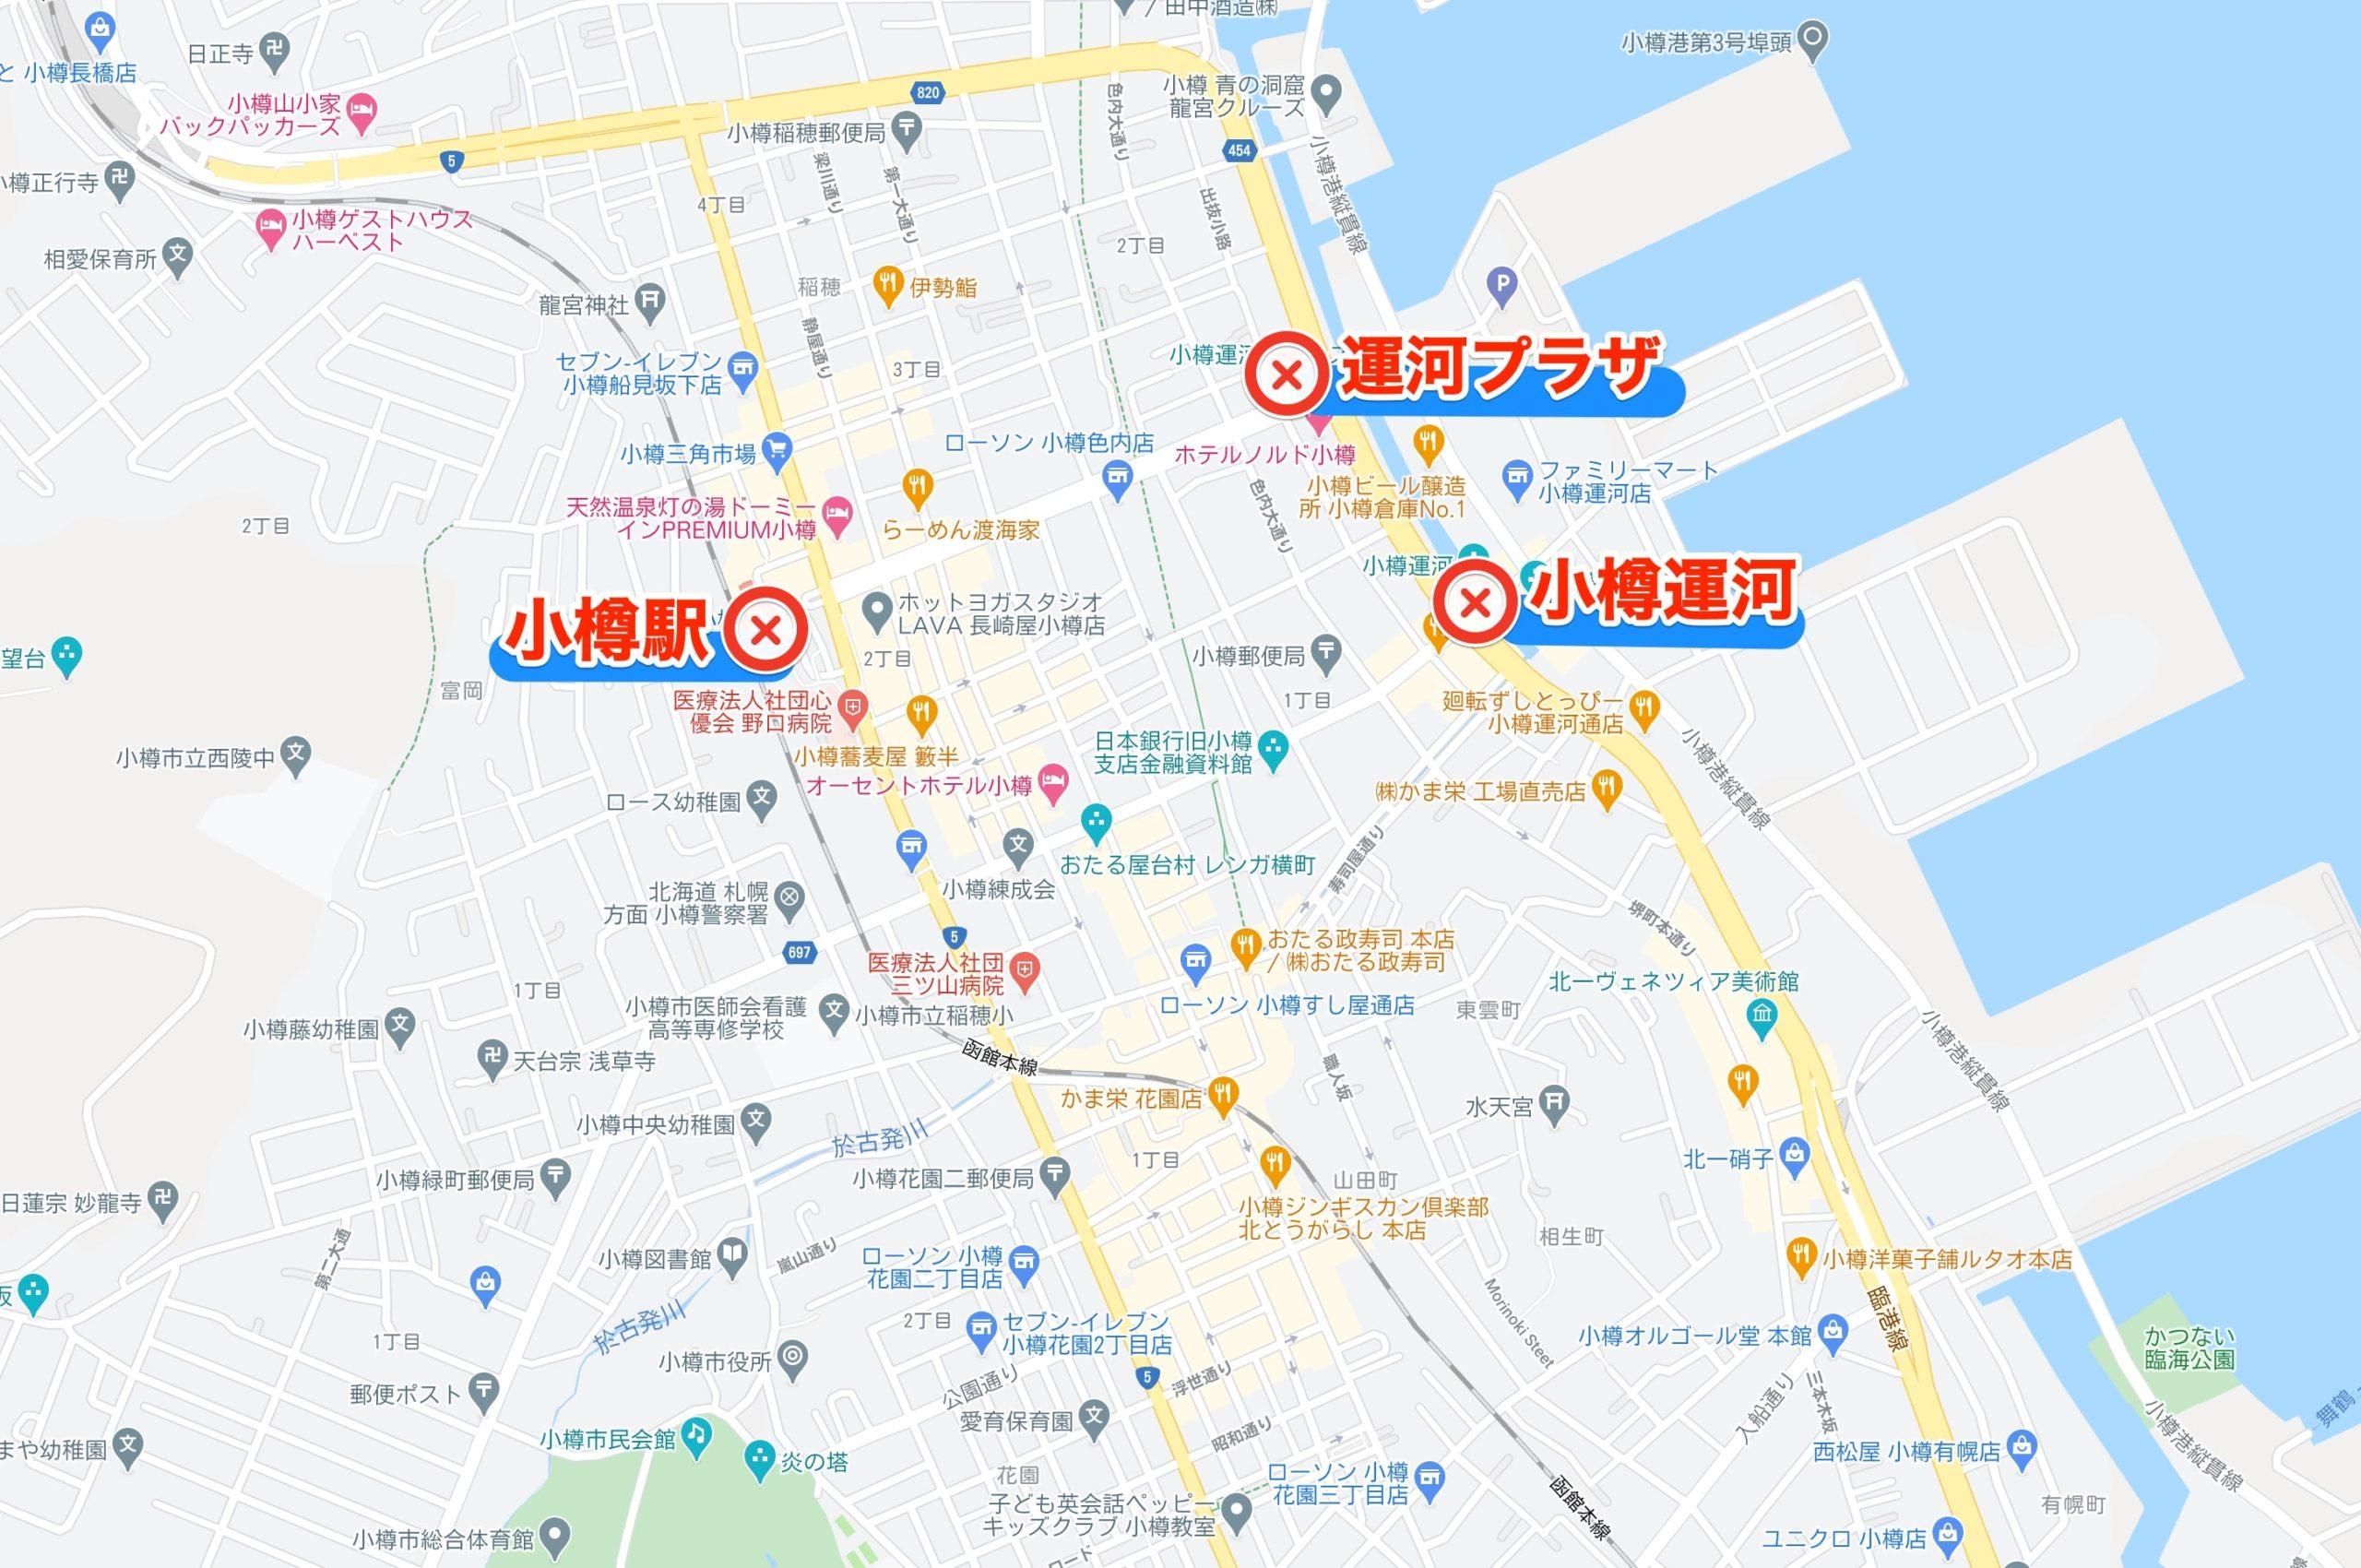 小樽ゆき物語会場マップ